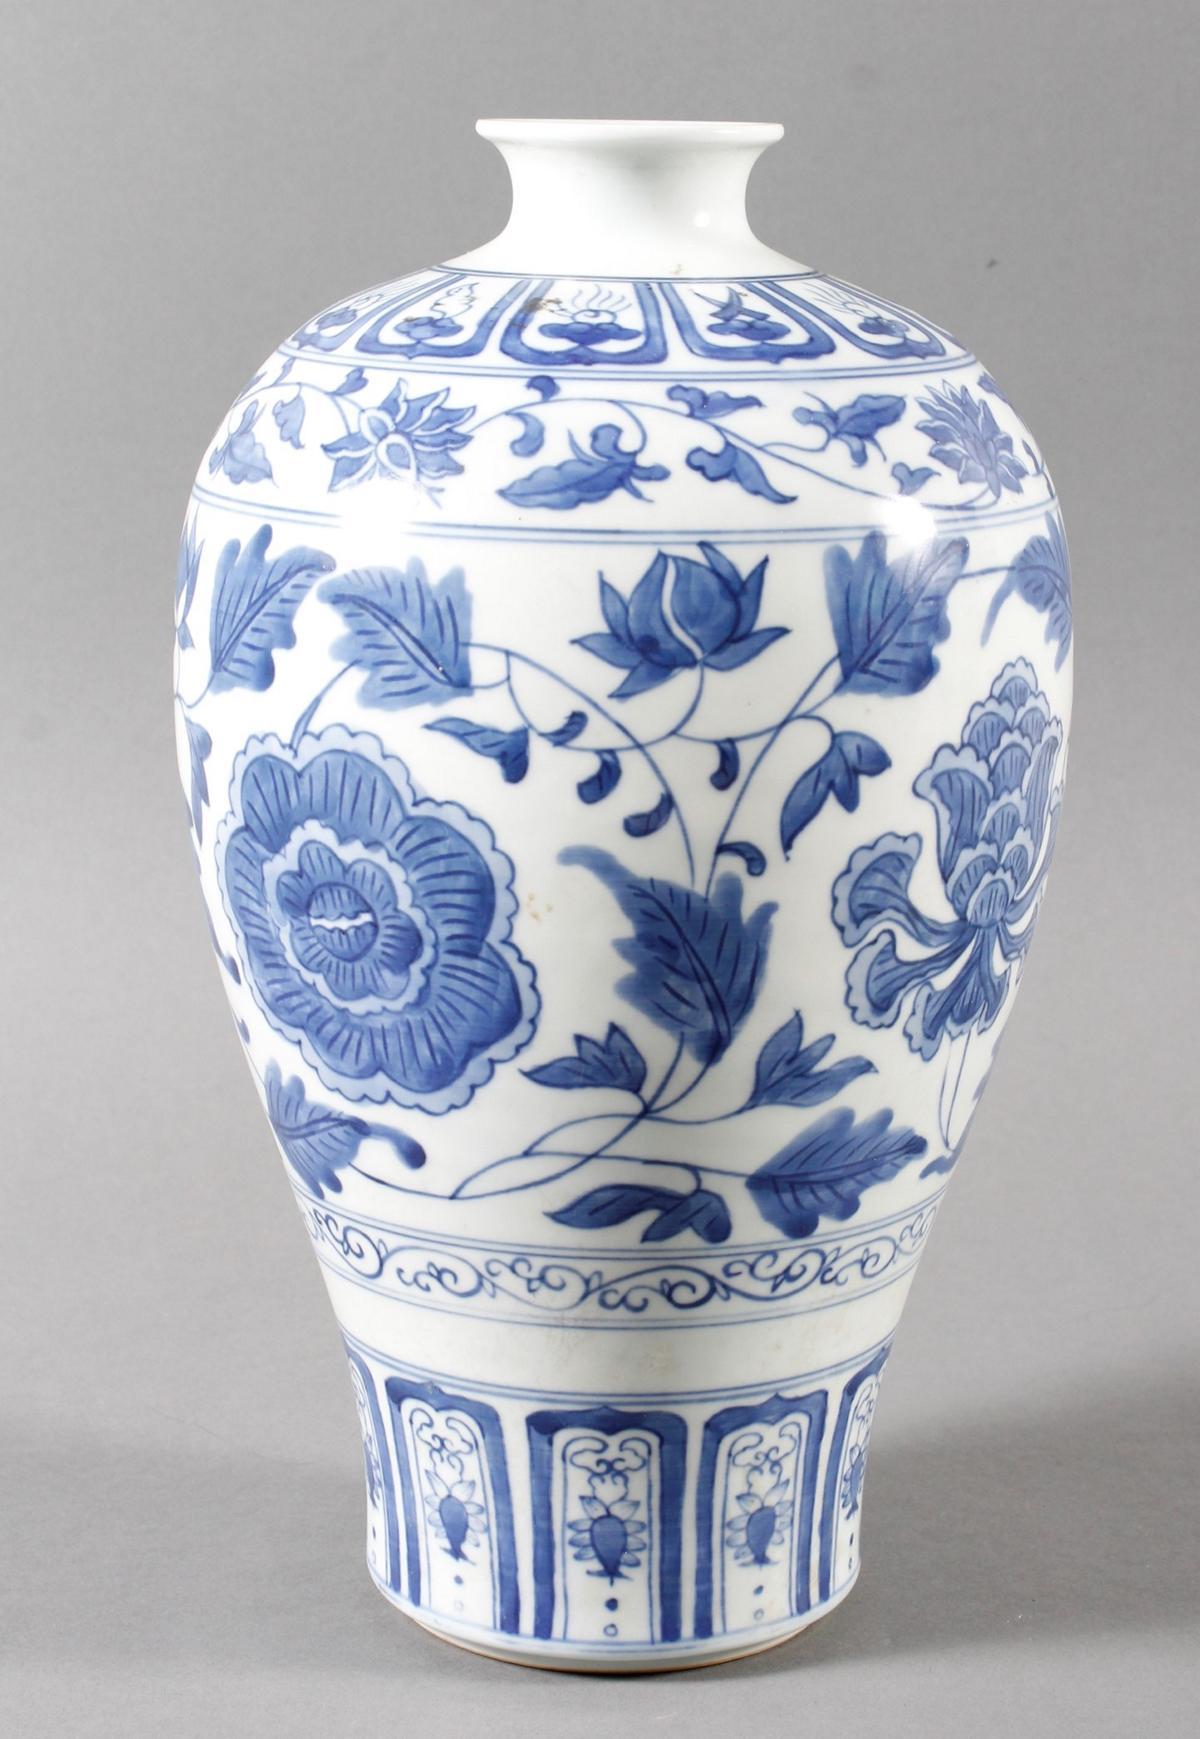 """Blau-Weiß- Porzellan Ziervase """"Meiping"""", China, Thung-chih 1862-1874 gemarkt-2"""